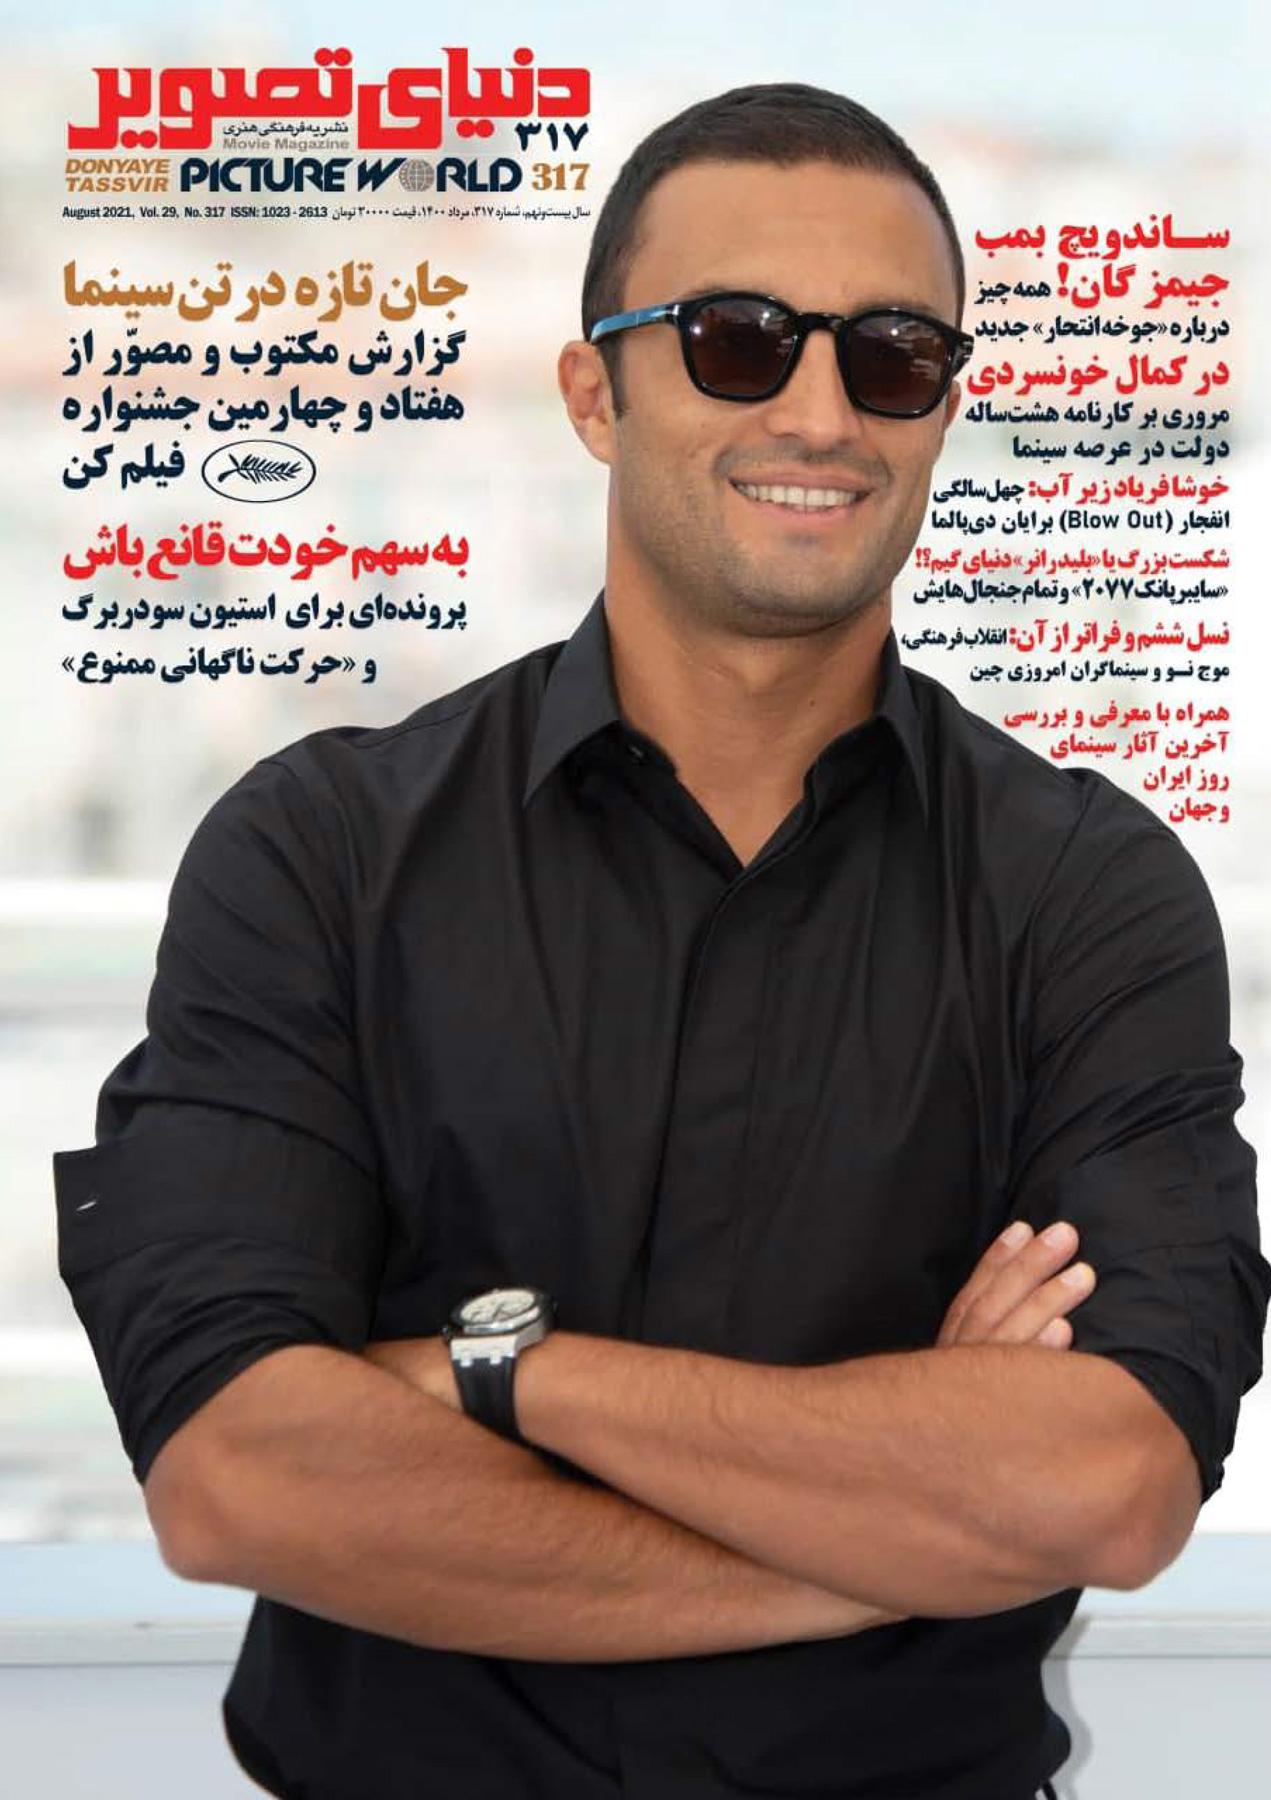 مجله دنیای تصویر شماره ۳۱7